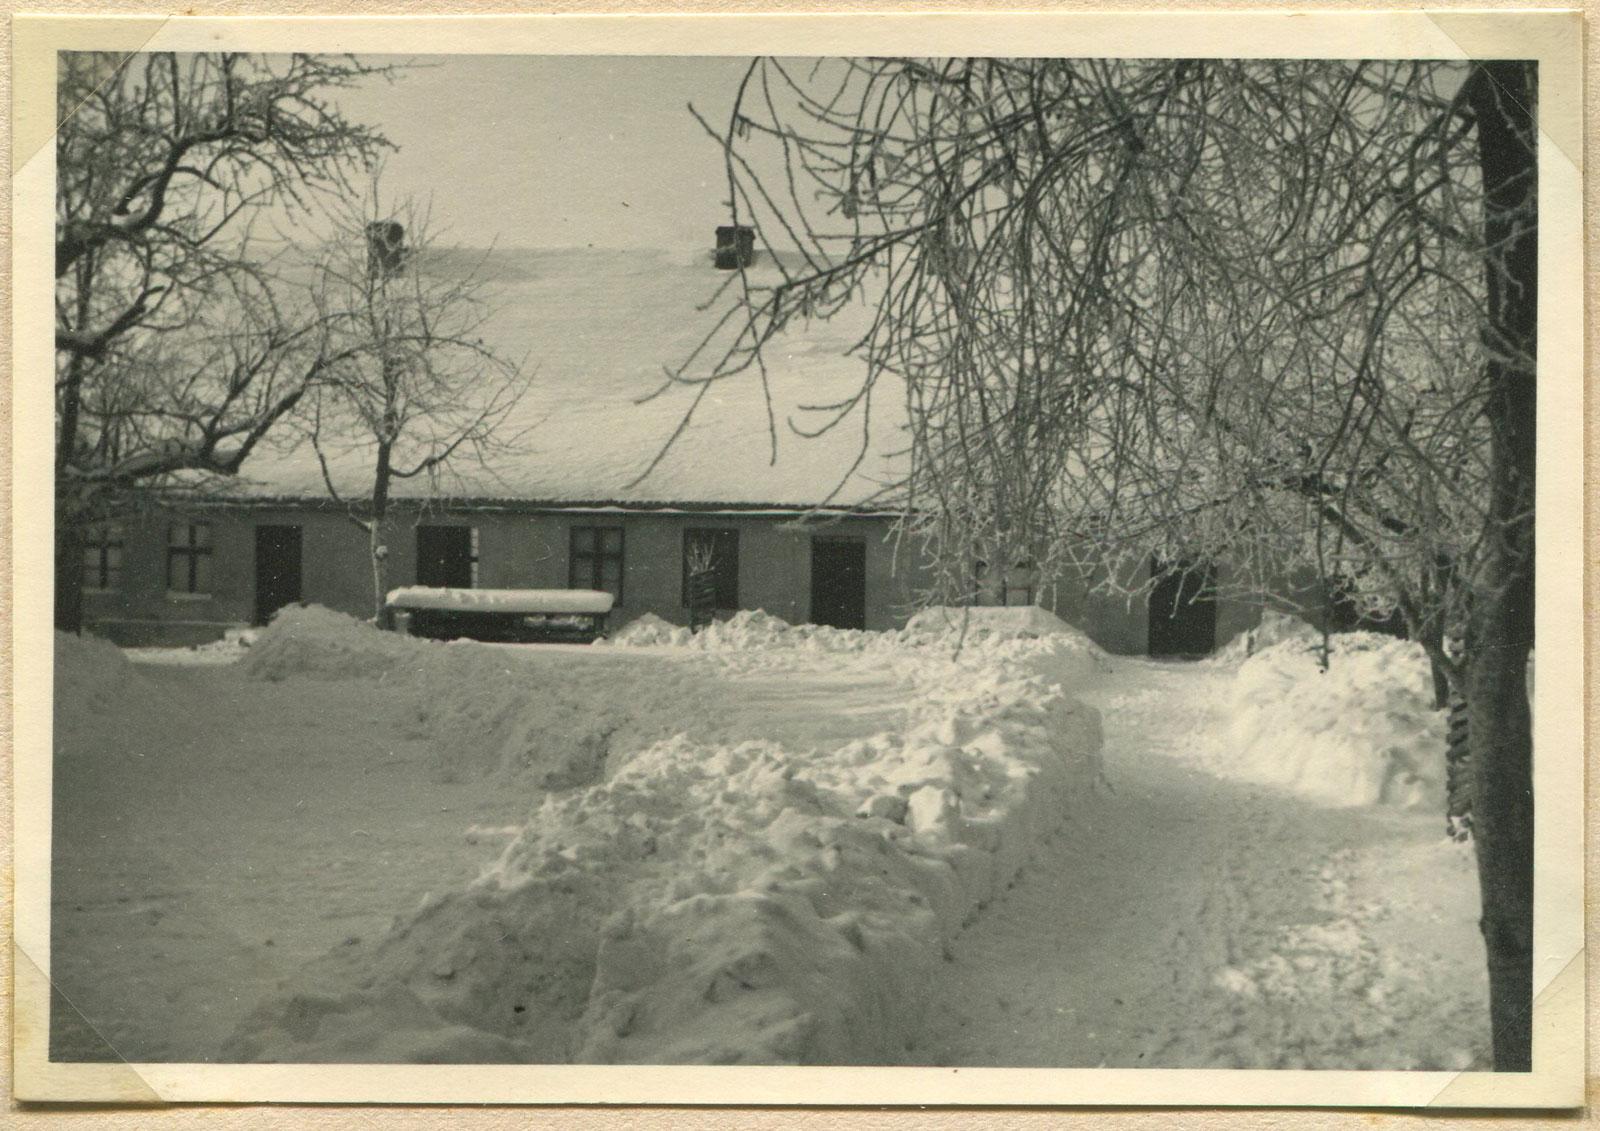 Plac Browarowy w Kórniku - zima 1939 rok